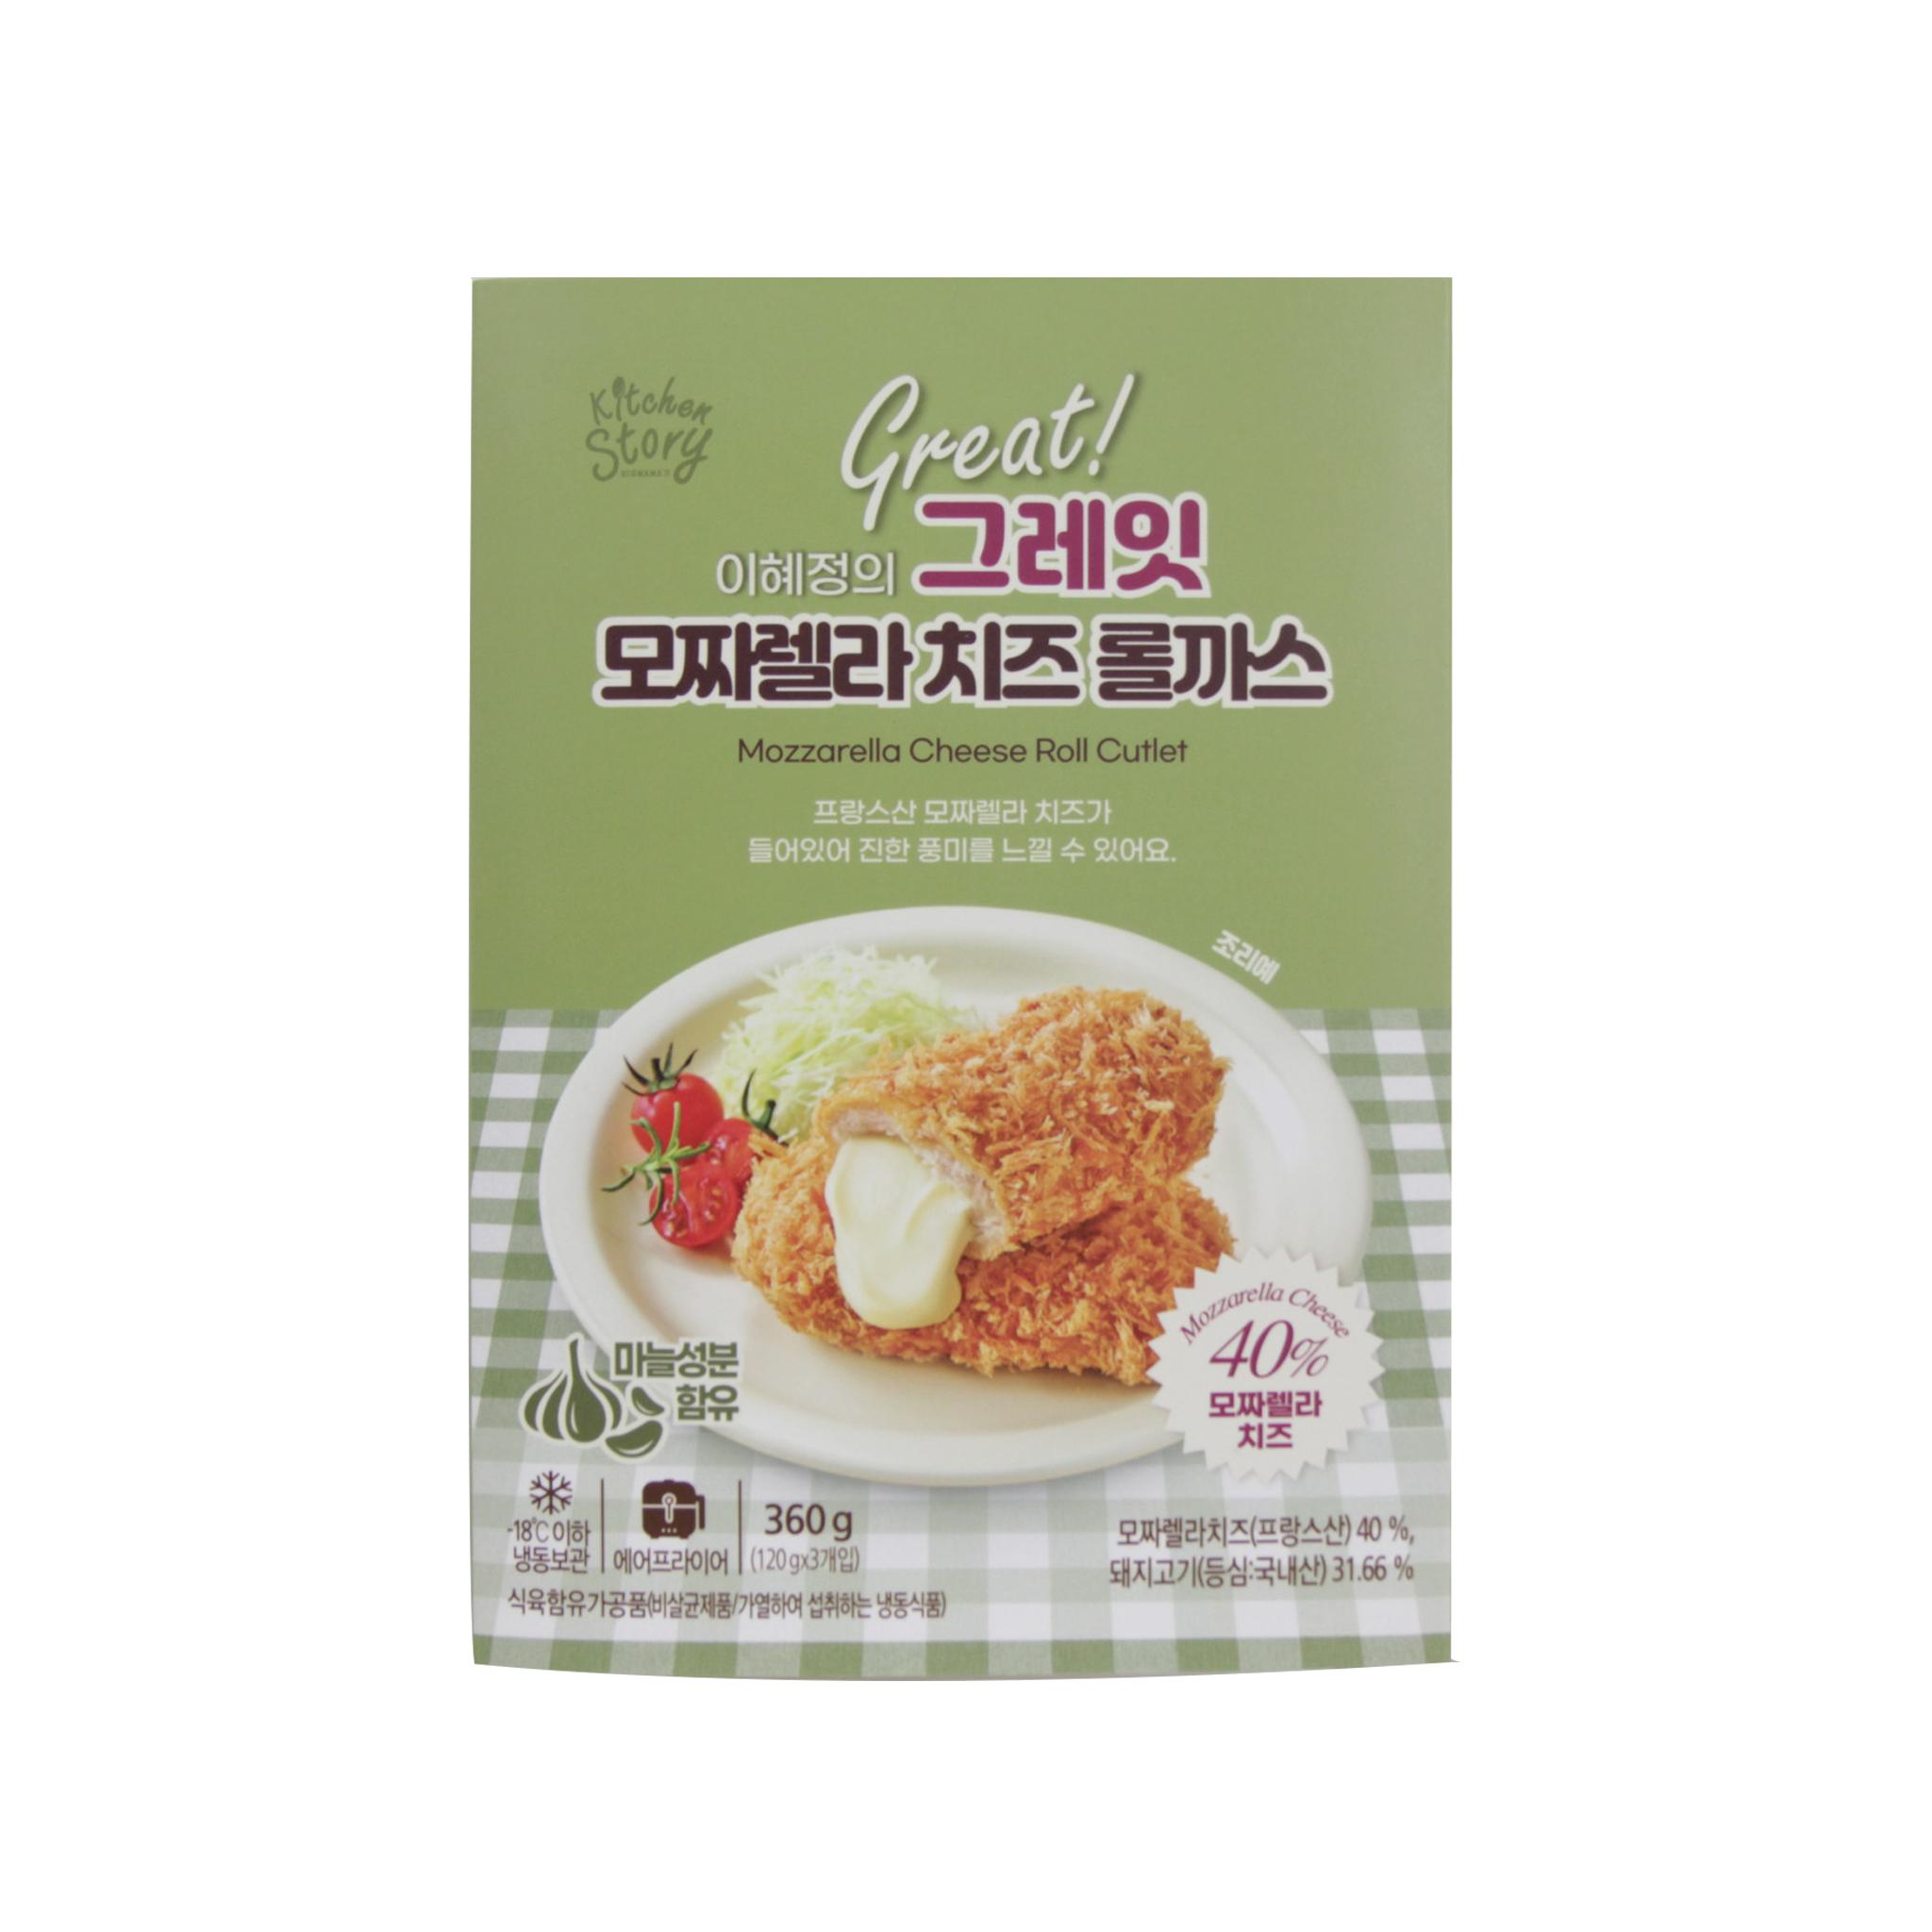 [키친스토리] 이혜정의 그레잇 모짜렐라 치즈 롤까스